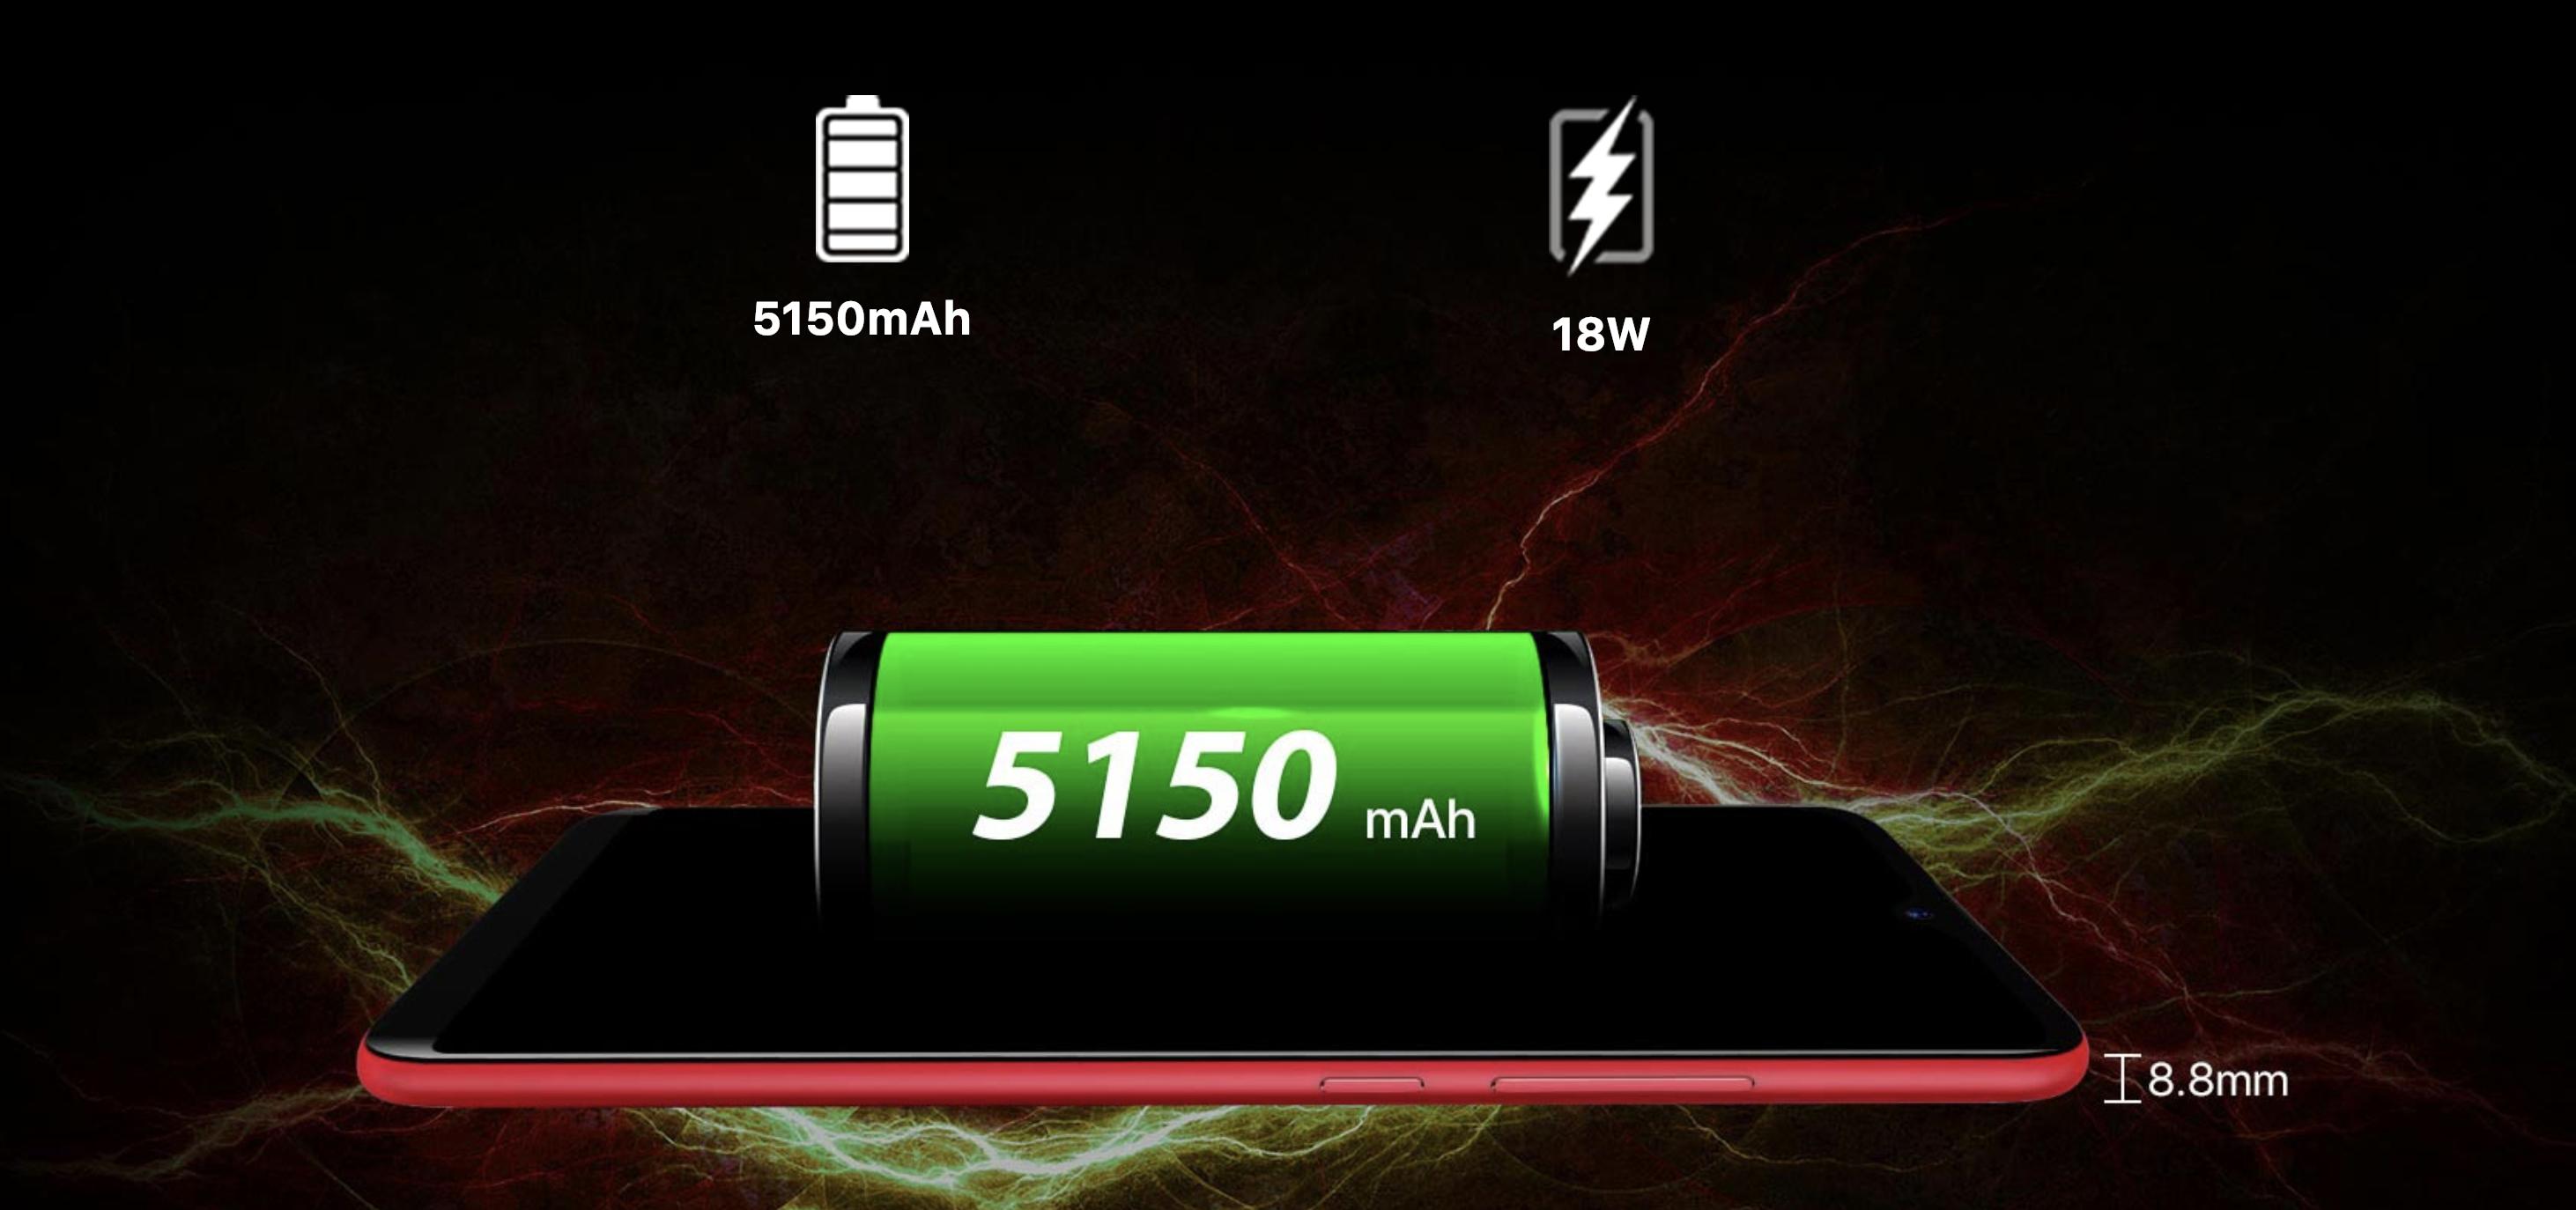 UMIDIGI F1のバッテリーに関するイメージ